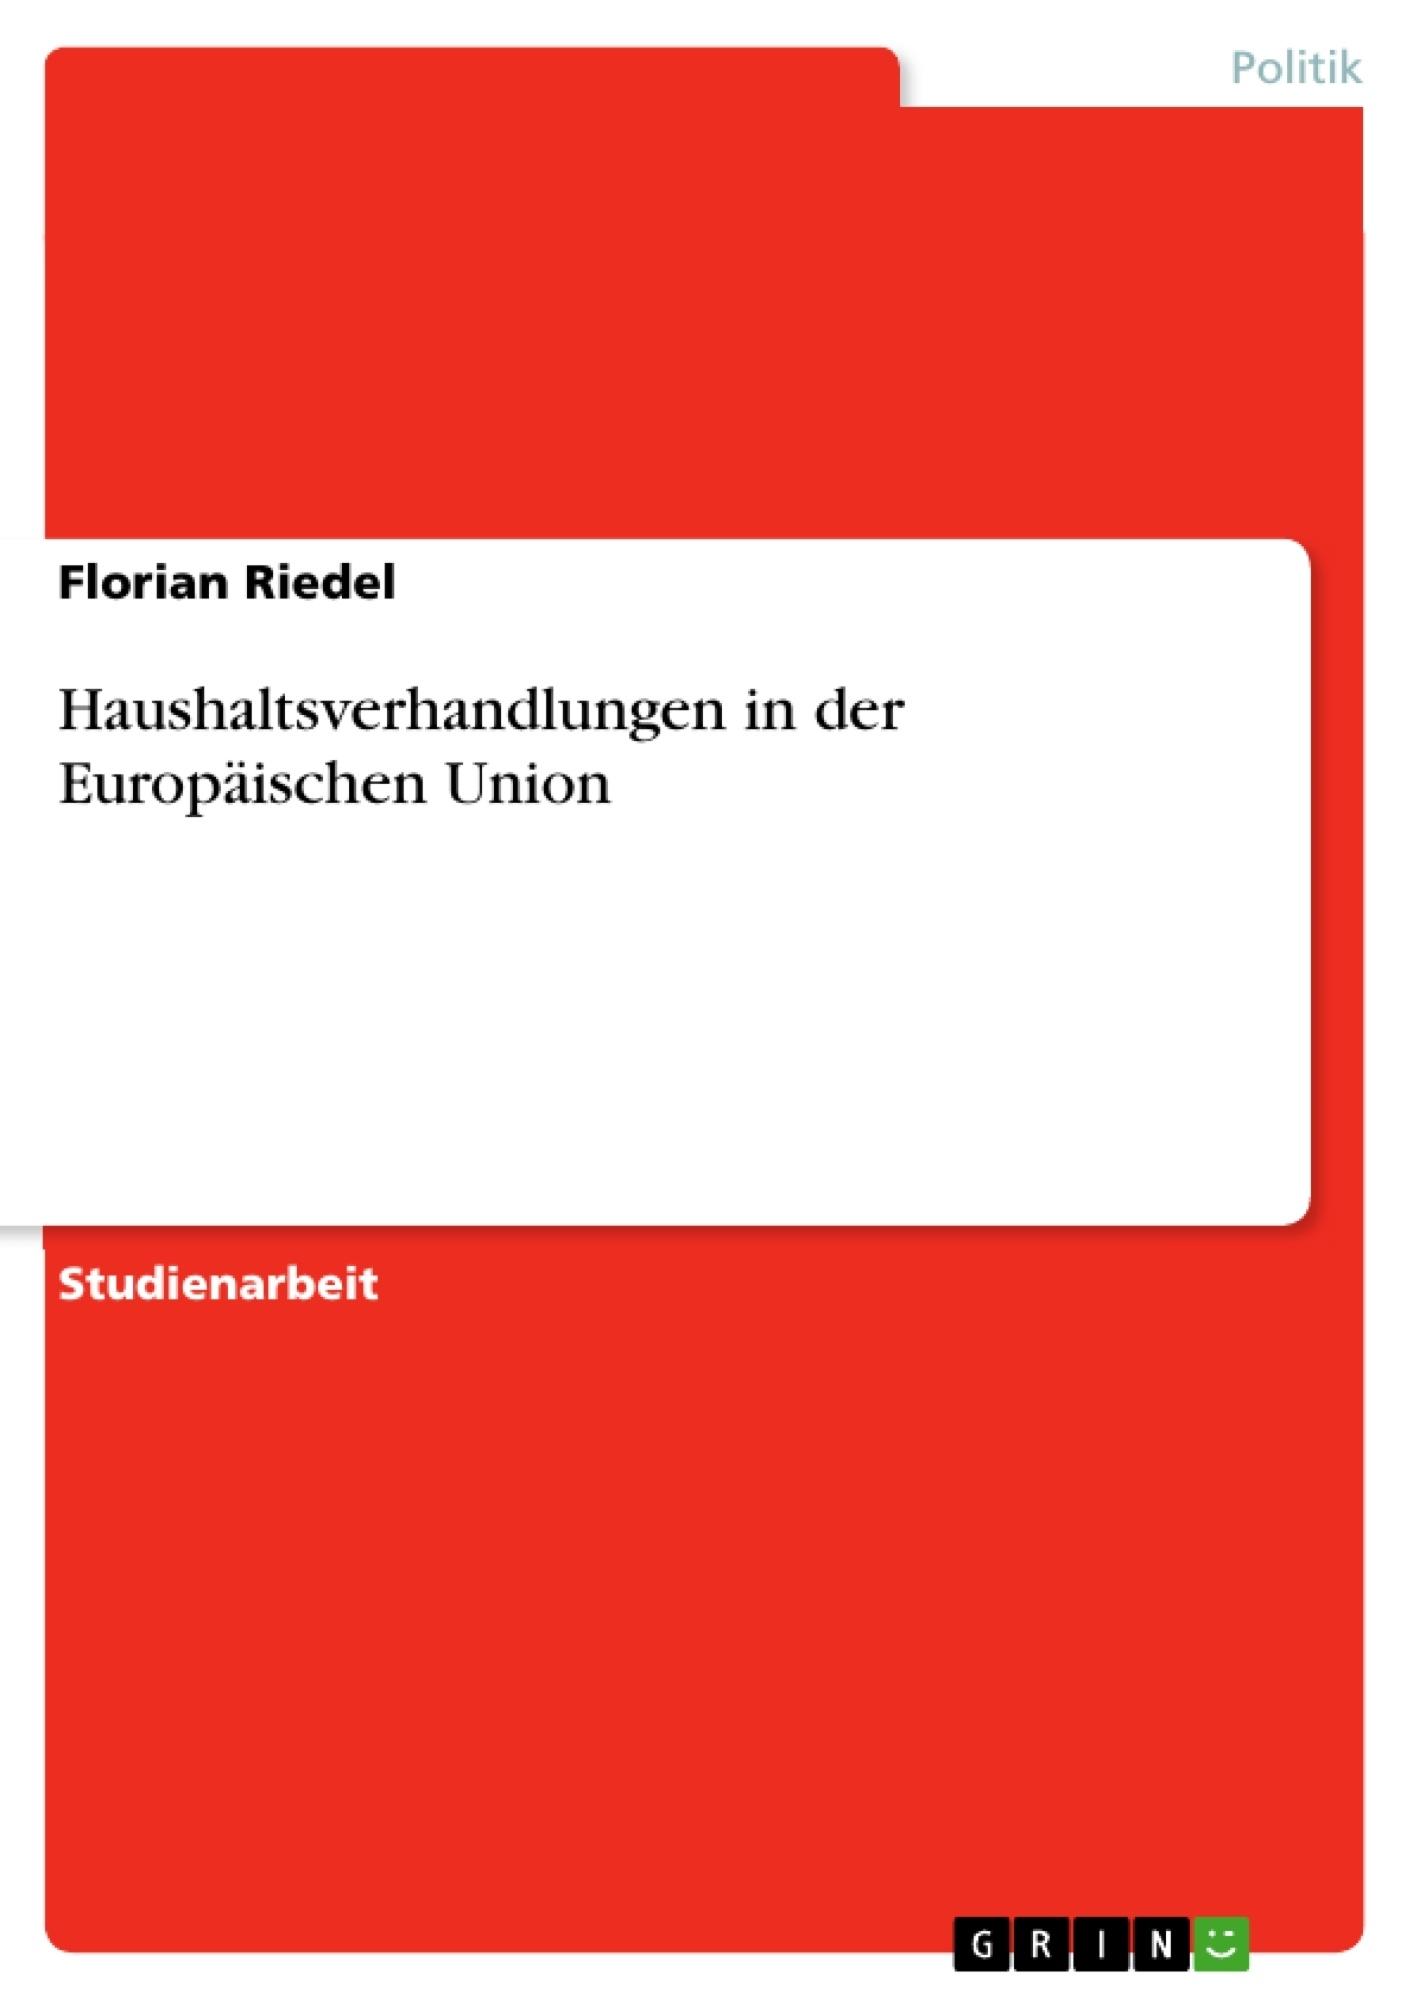 Titel: Haushaltsverhandlungen in der Europäischen Union